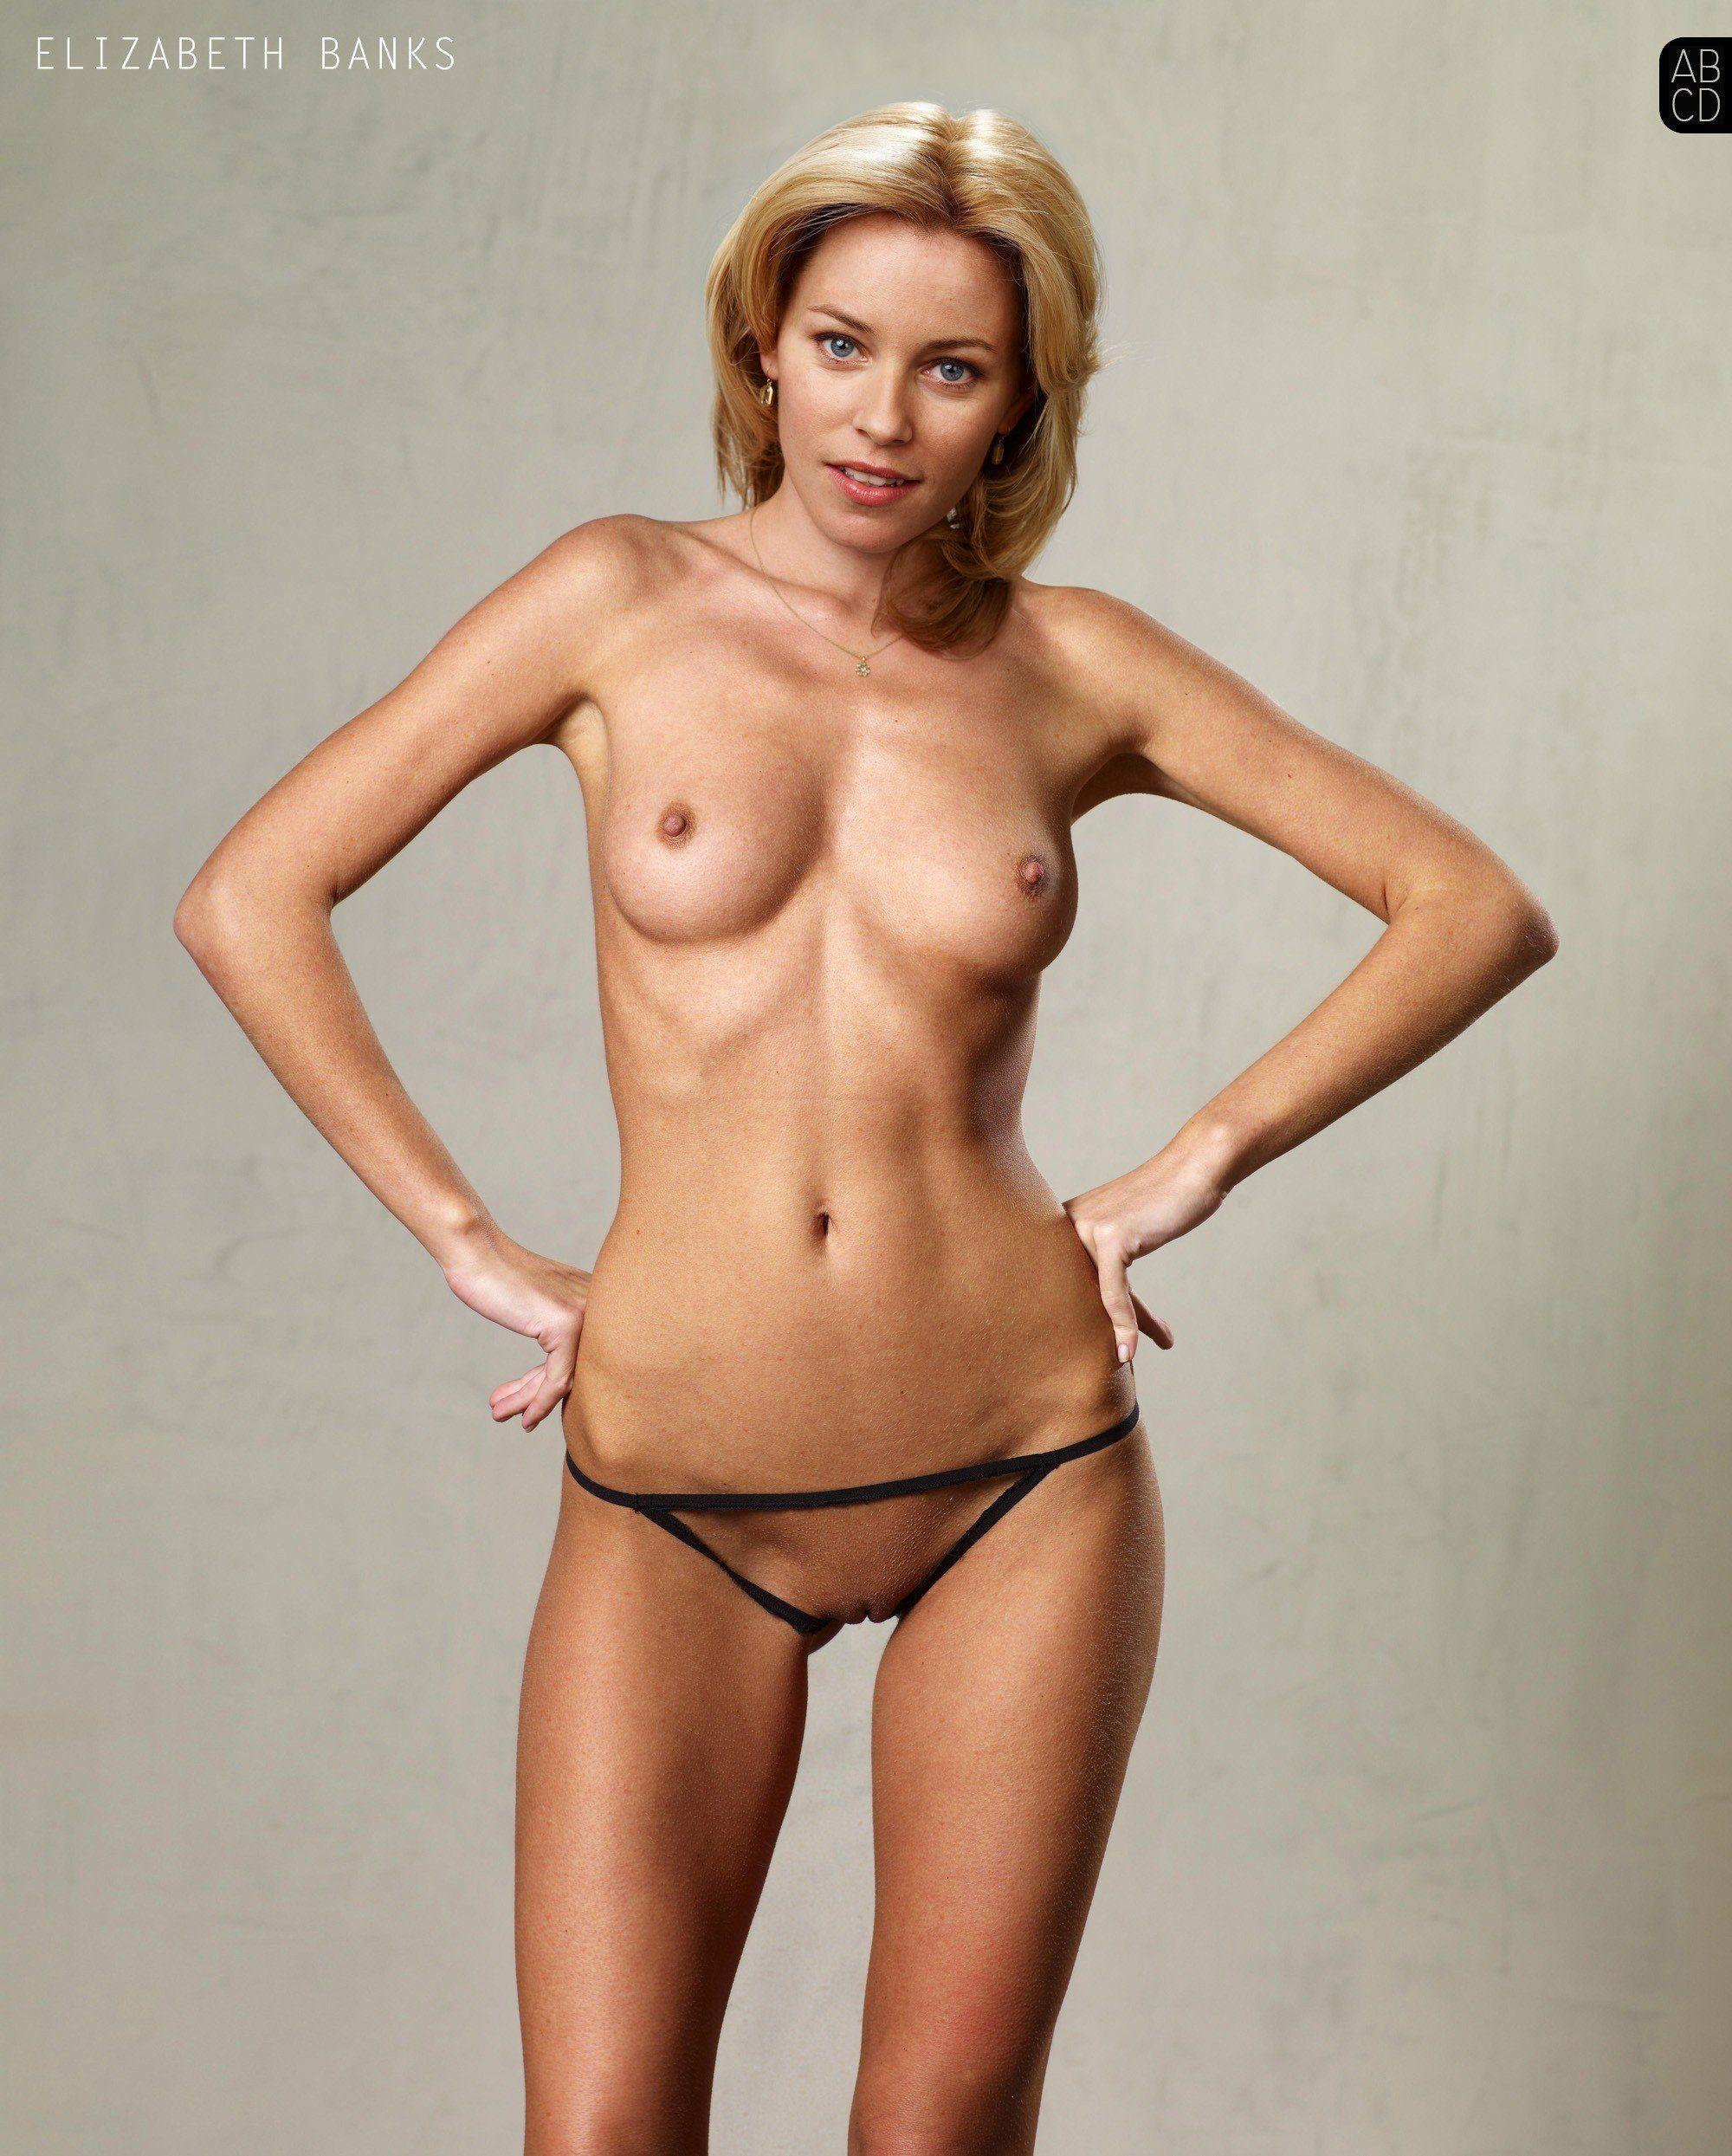 Amusing banks porn elizabeth nude excellent